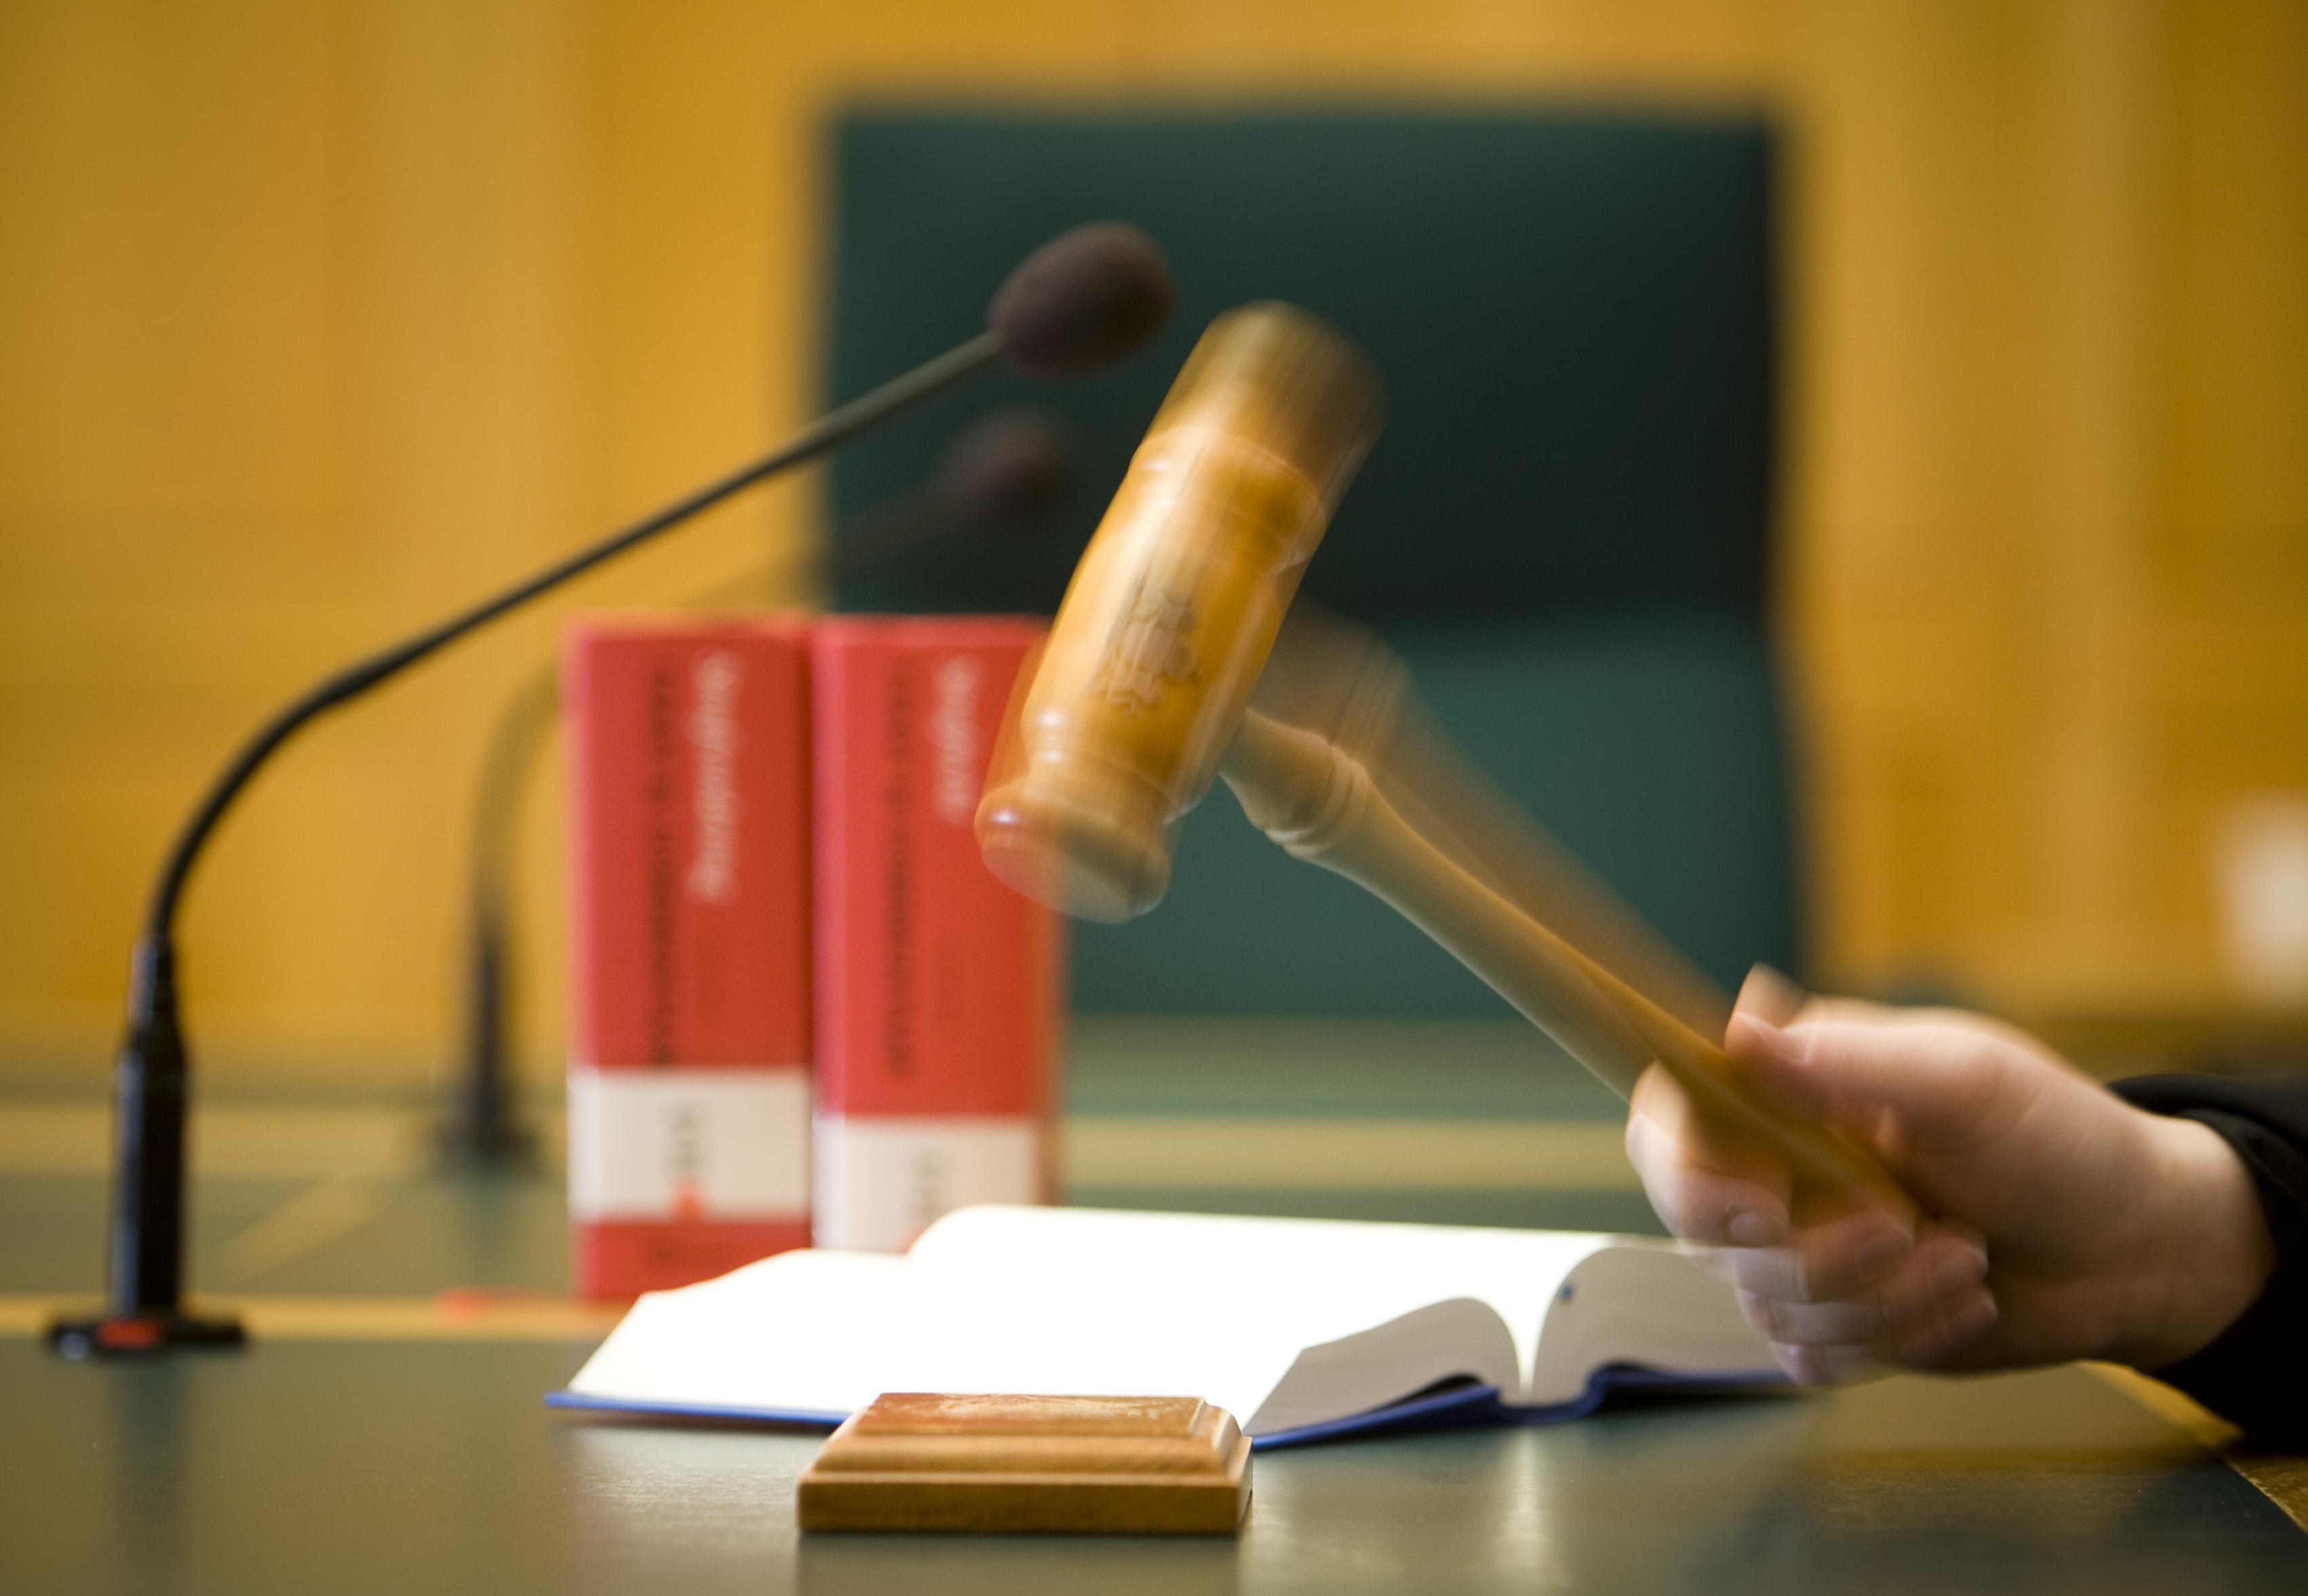 42-jarige man uit Anna Paulowna ontkent seksueel misbruik van kwetsbaar meisje. Officier van justitie eist anderhalf jaar cel